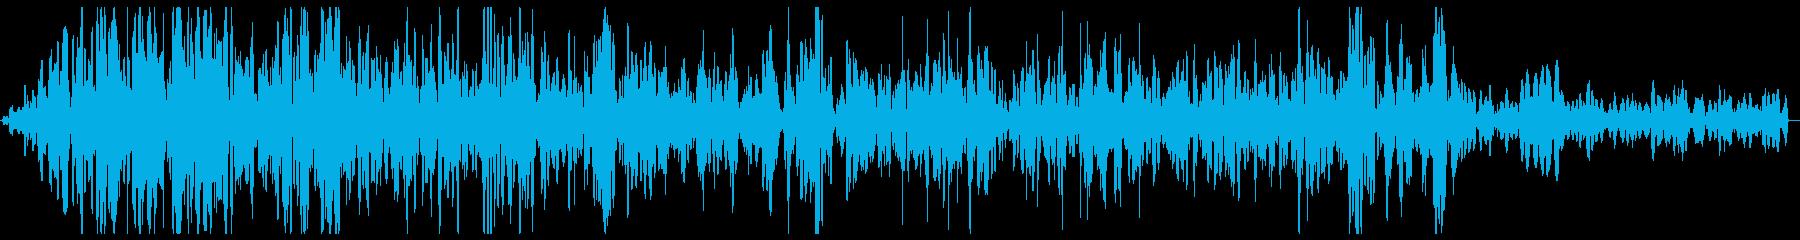 グツグツ煮る音の効果音の再生済みの波形